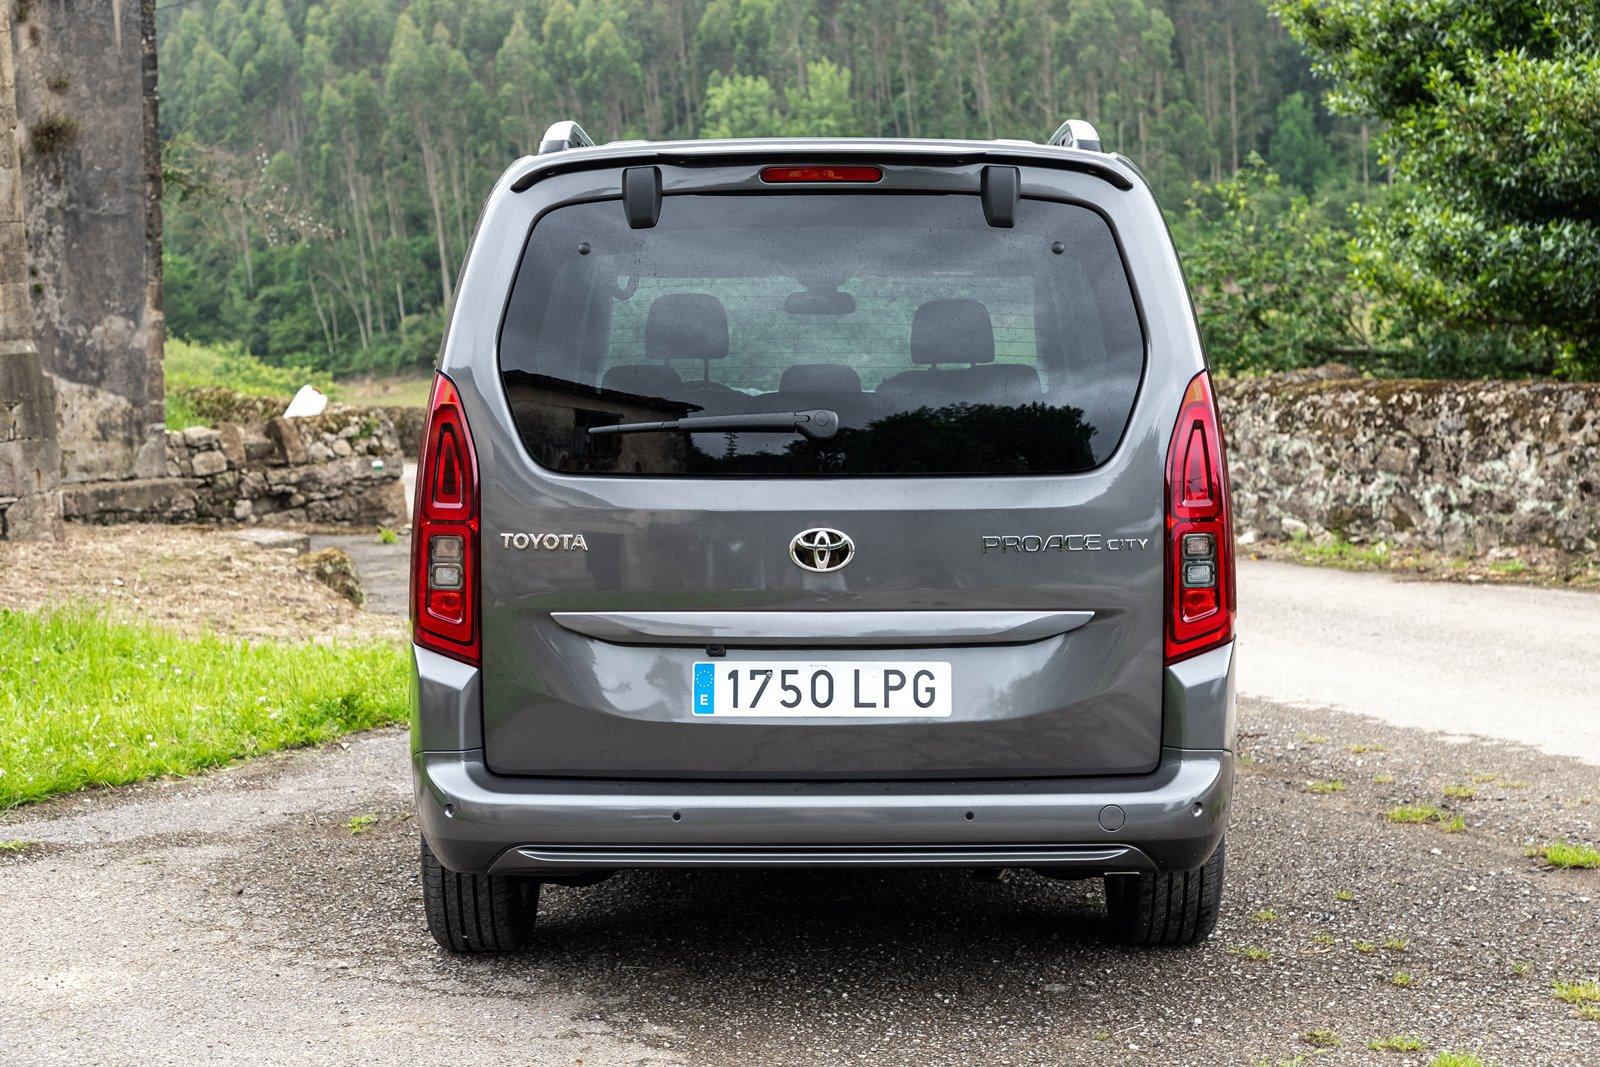 Zaga Toyota Proace City Verso Family L2